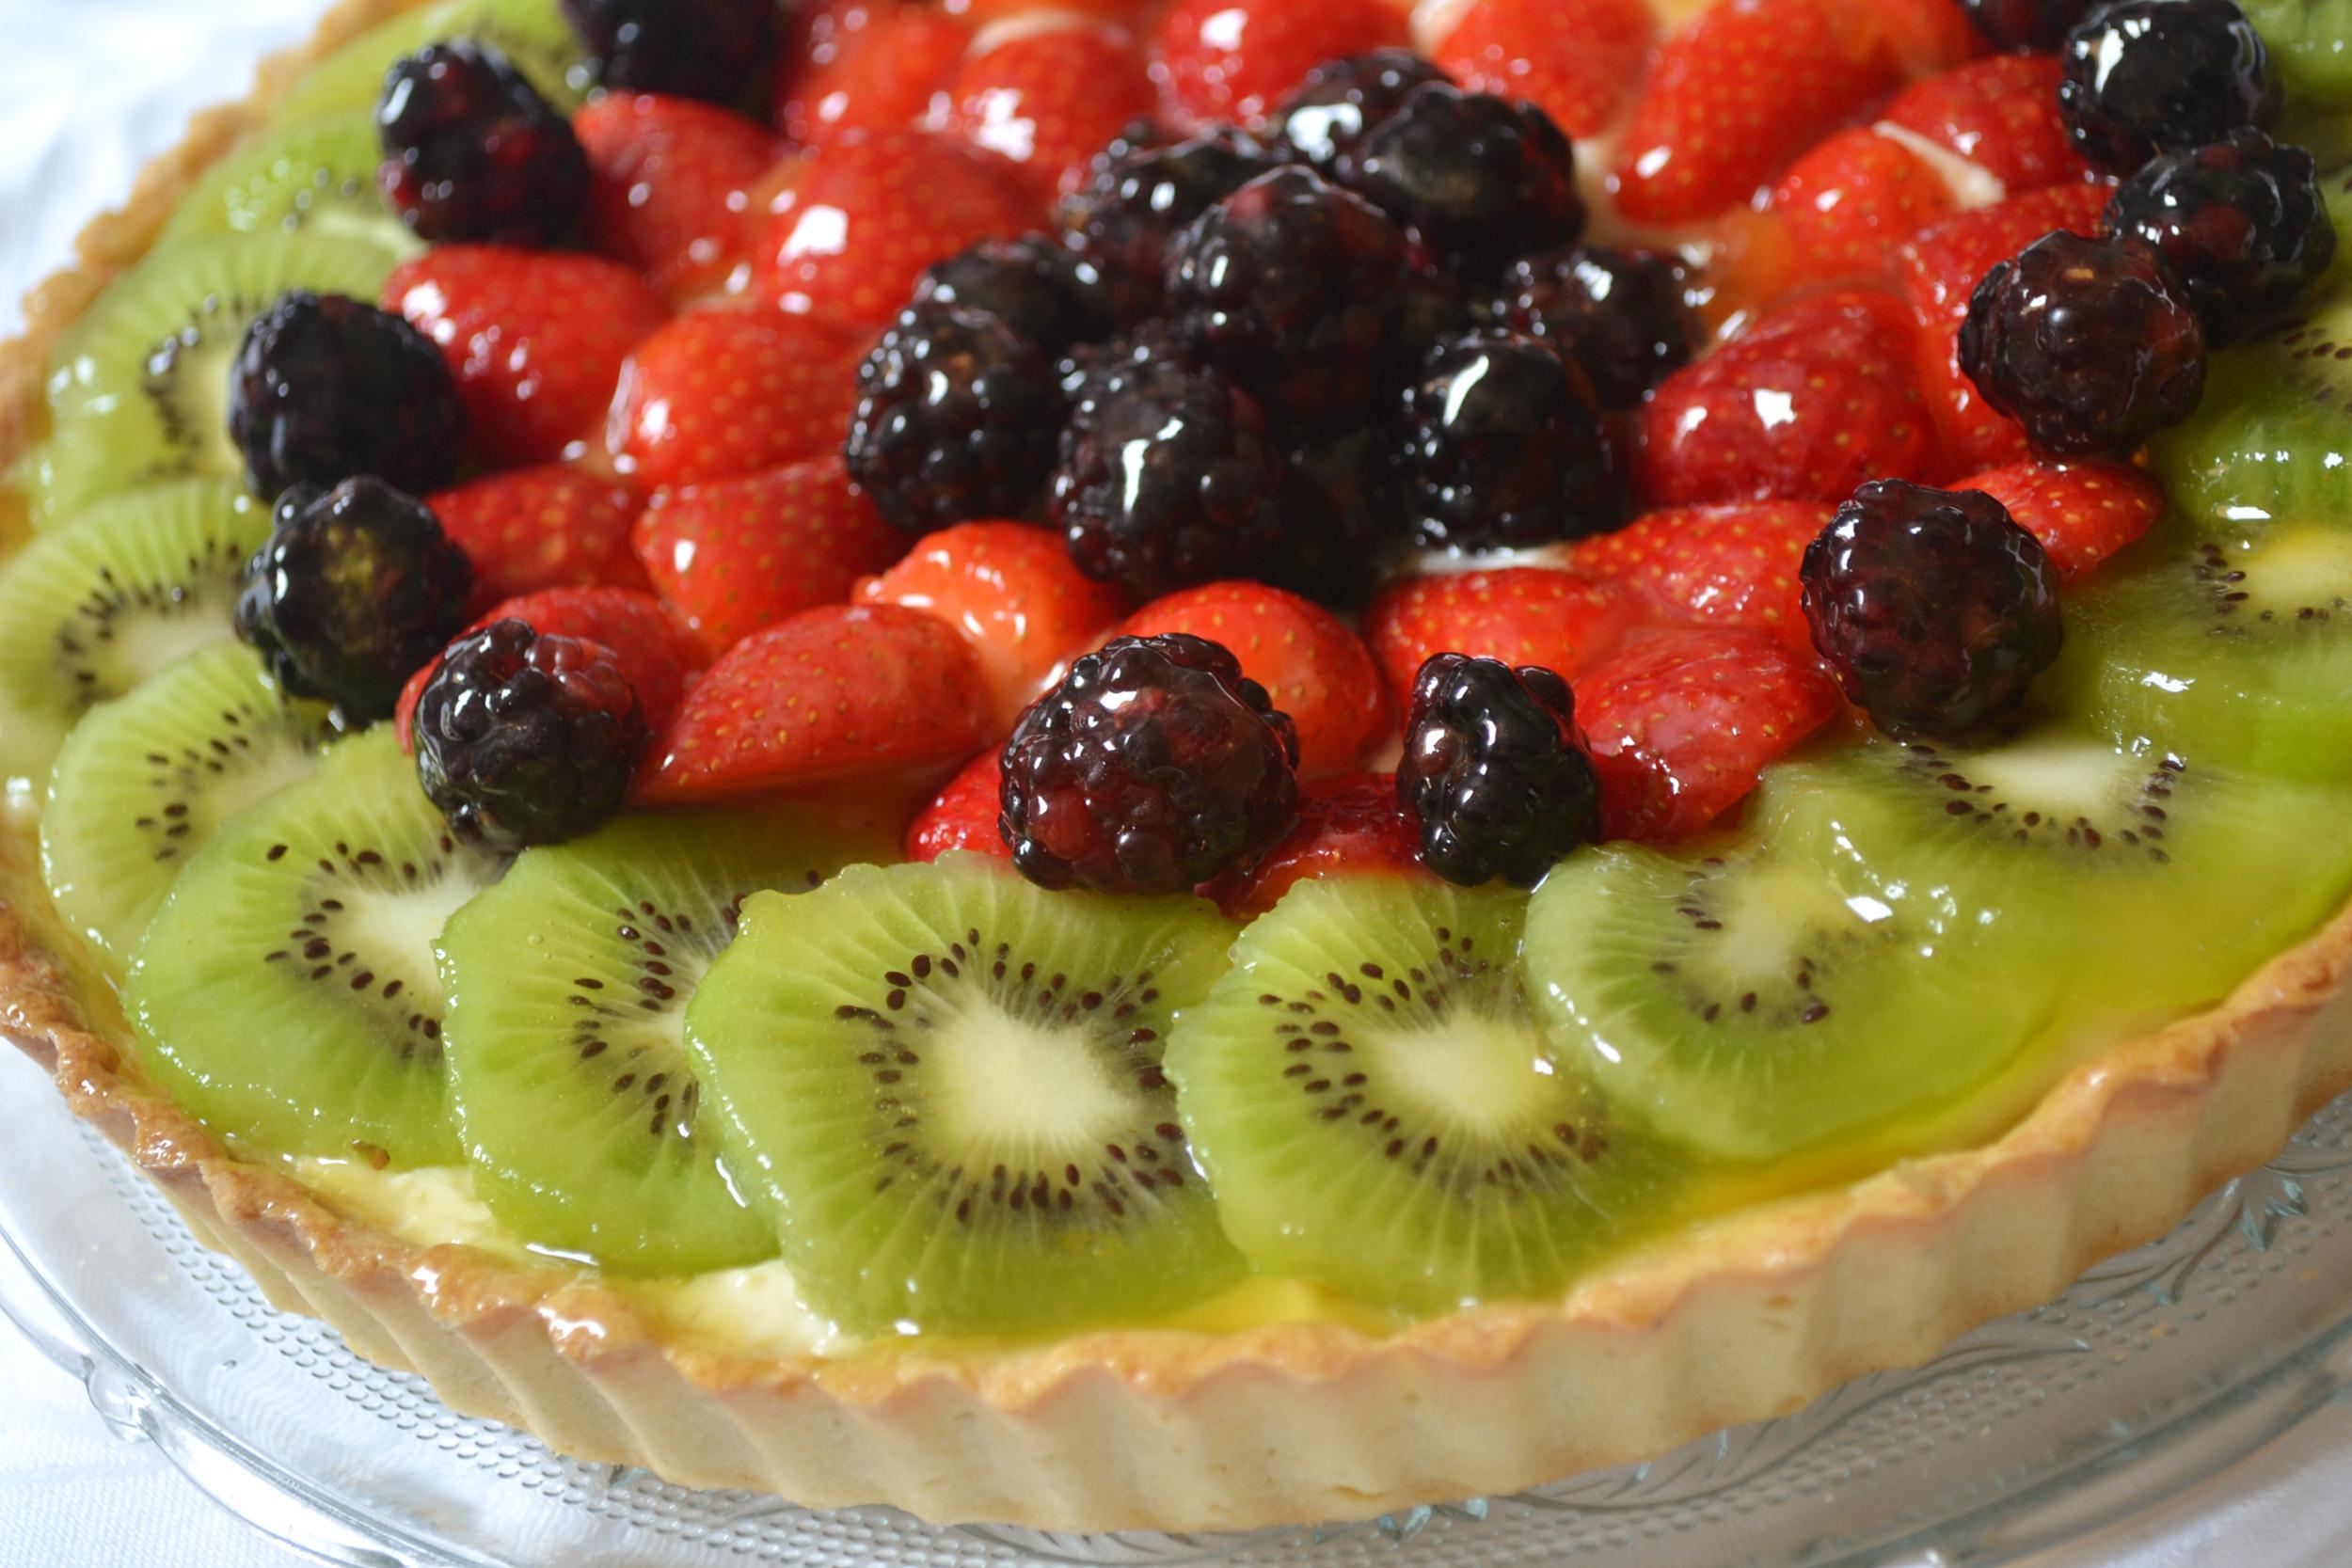 Torta de frutas (fruit tart)